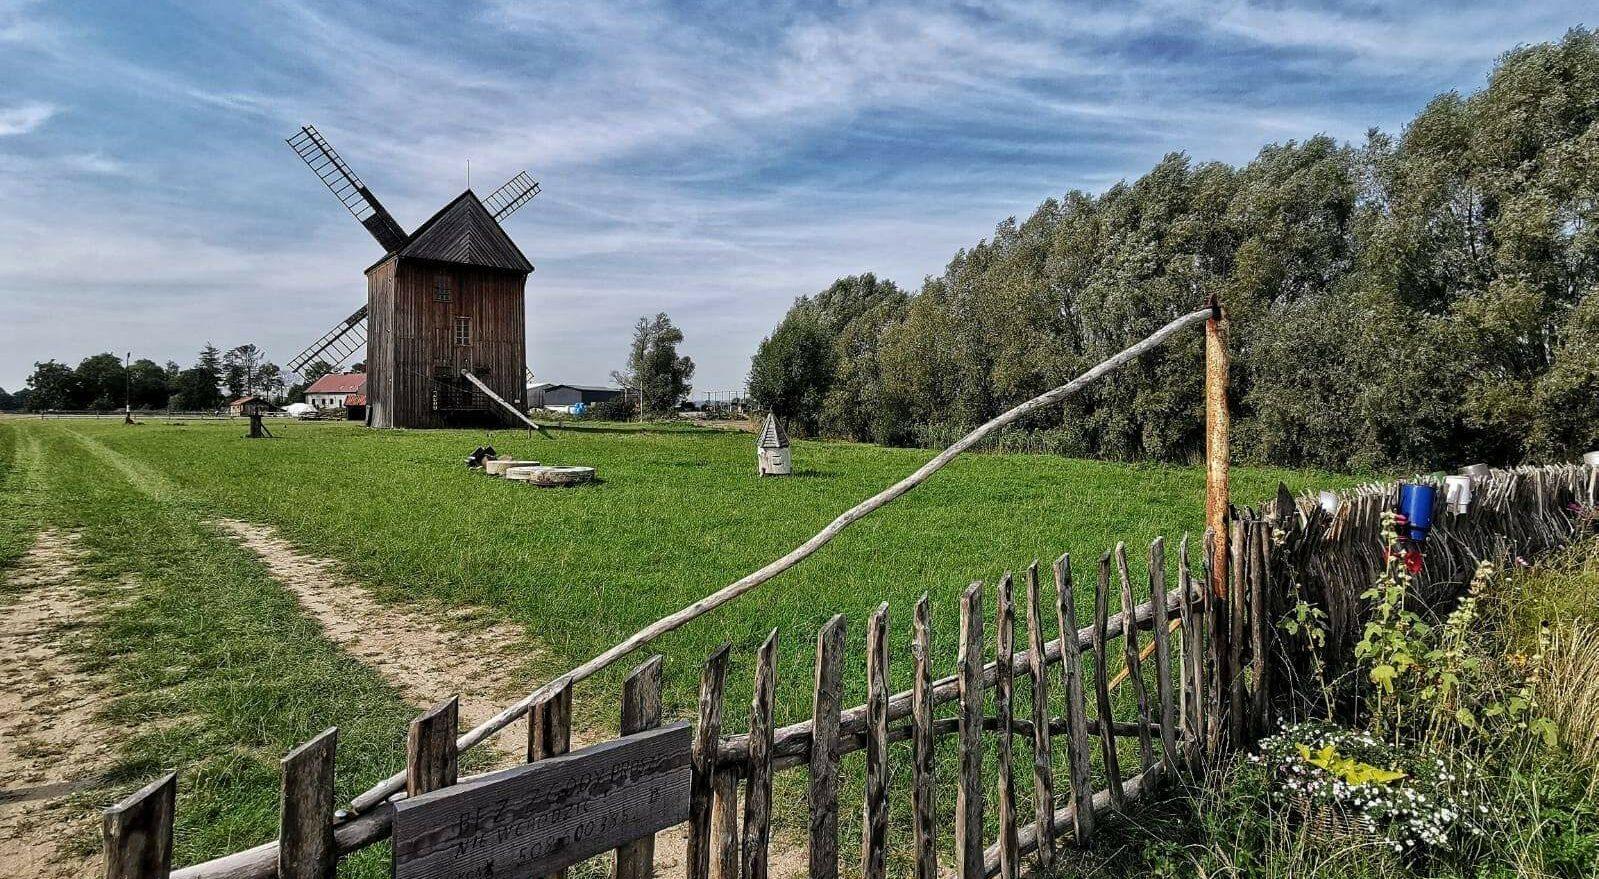 Wiatrak w Mokrym Dworze w gminie Pruszcz Gdański